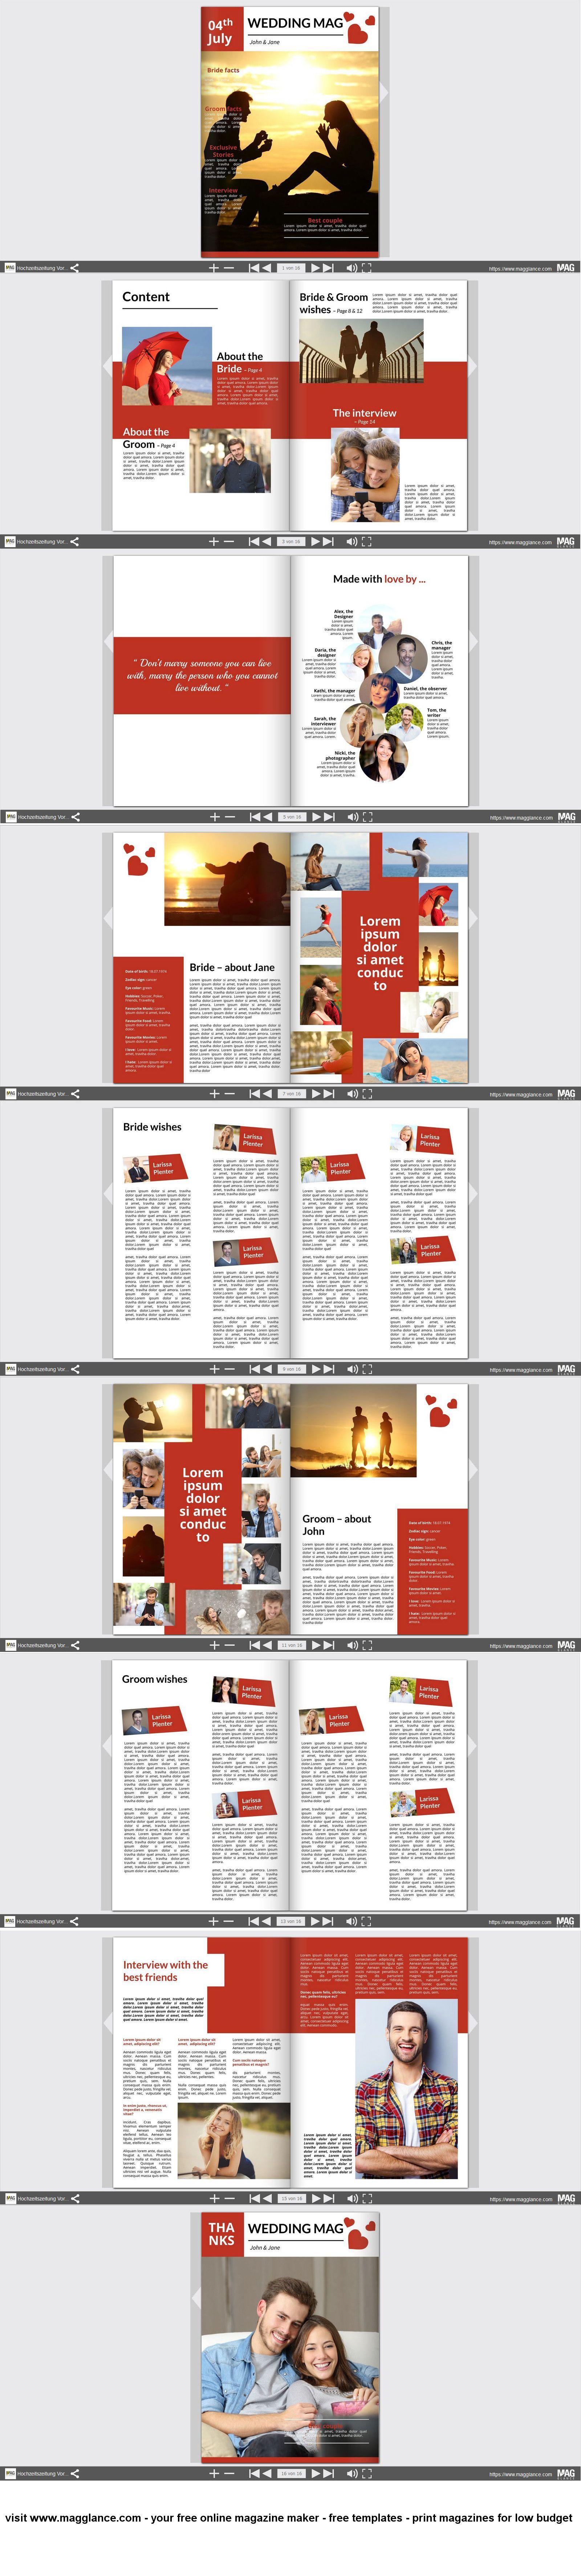 hochzeitszeitung kostenlos online erstellen und g nstig drucken unter wedding newspaper. Black Bedroom Furniture Sets. Home Design Ideas